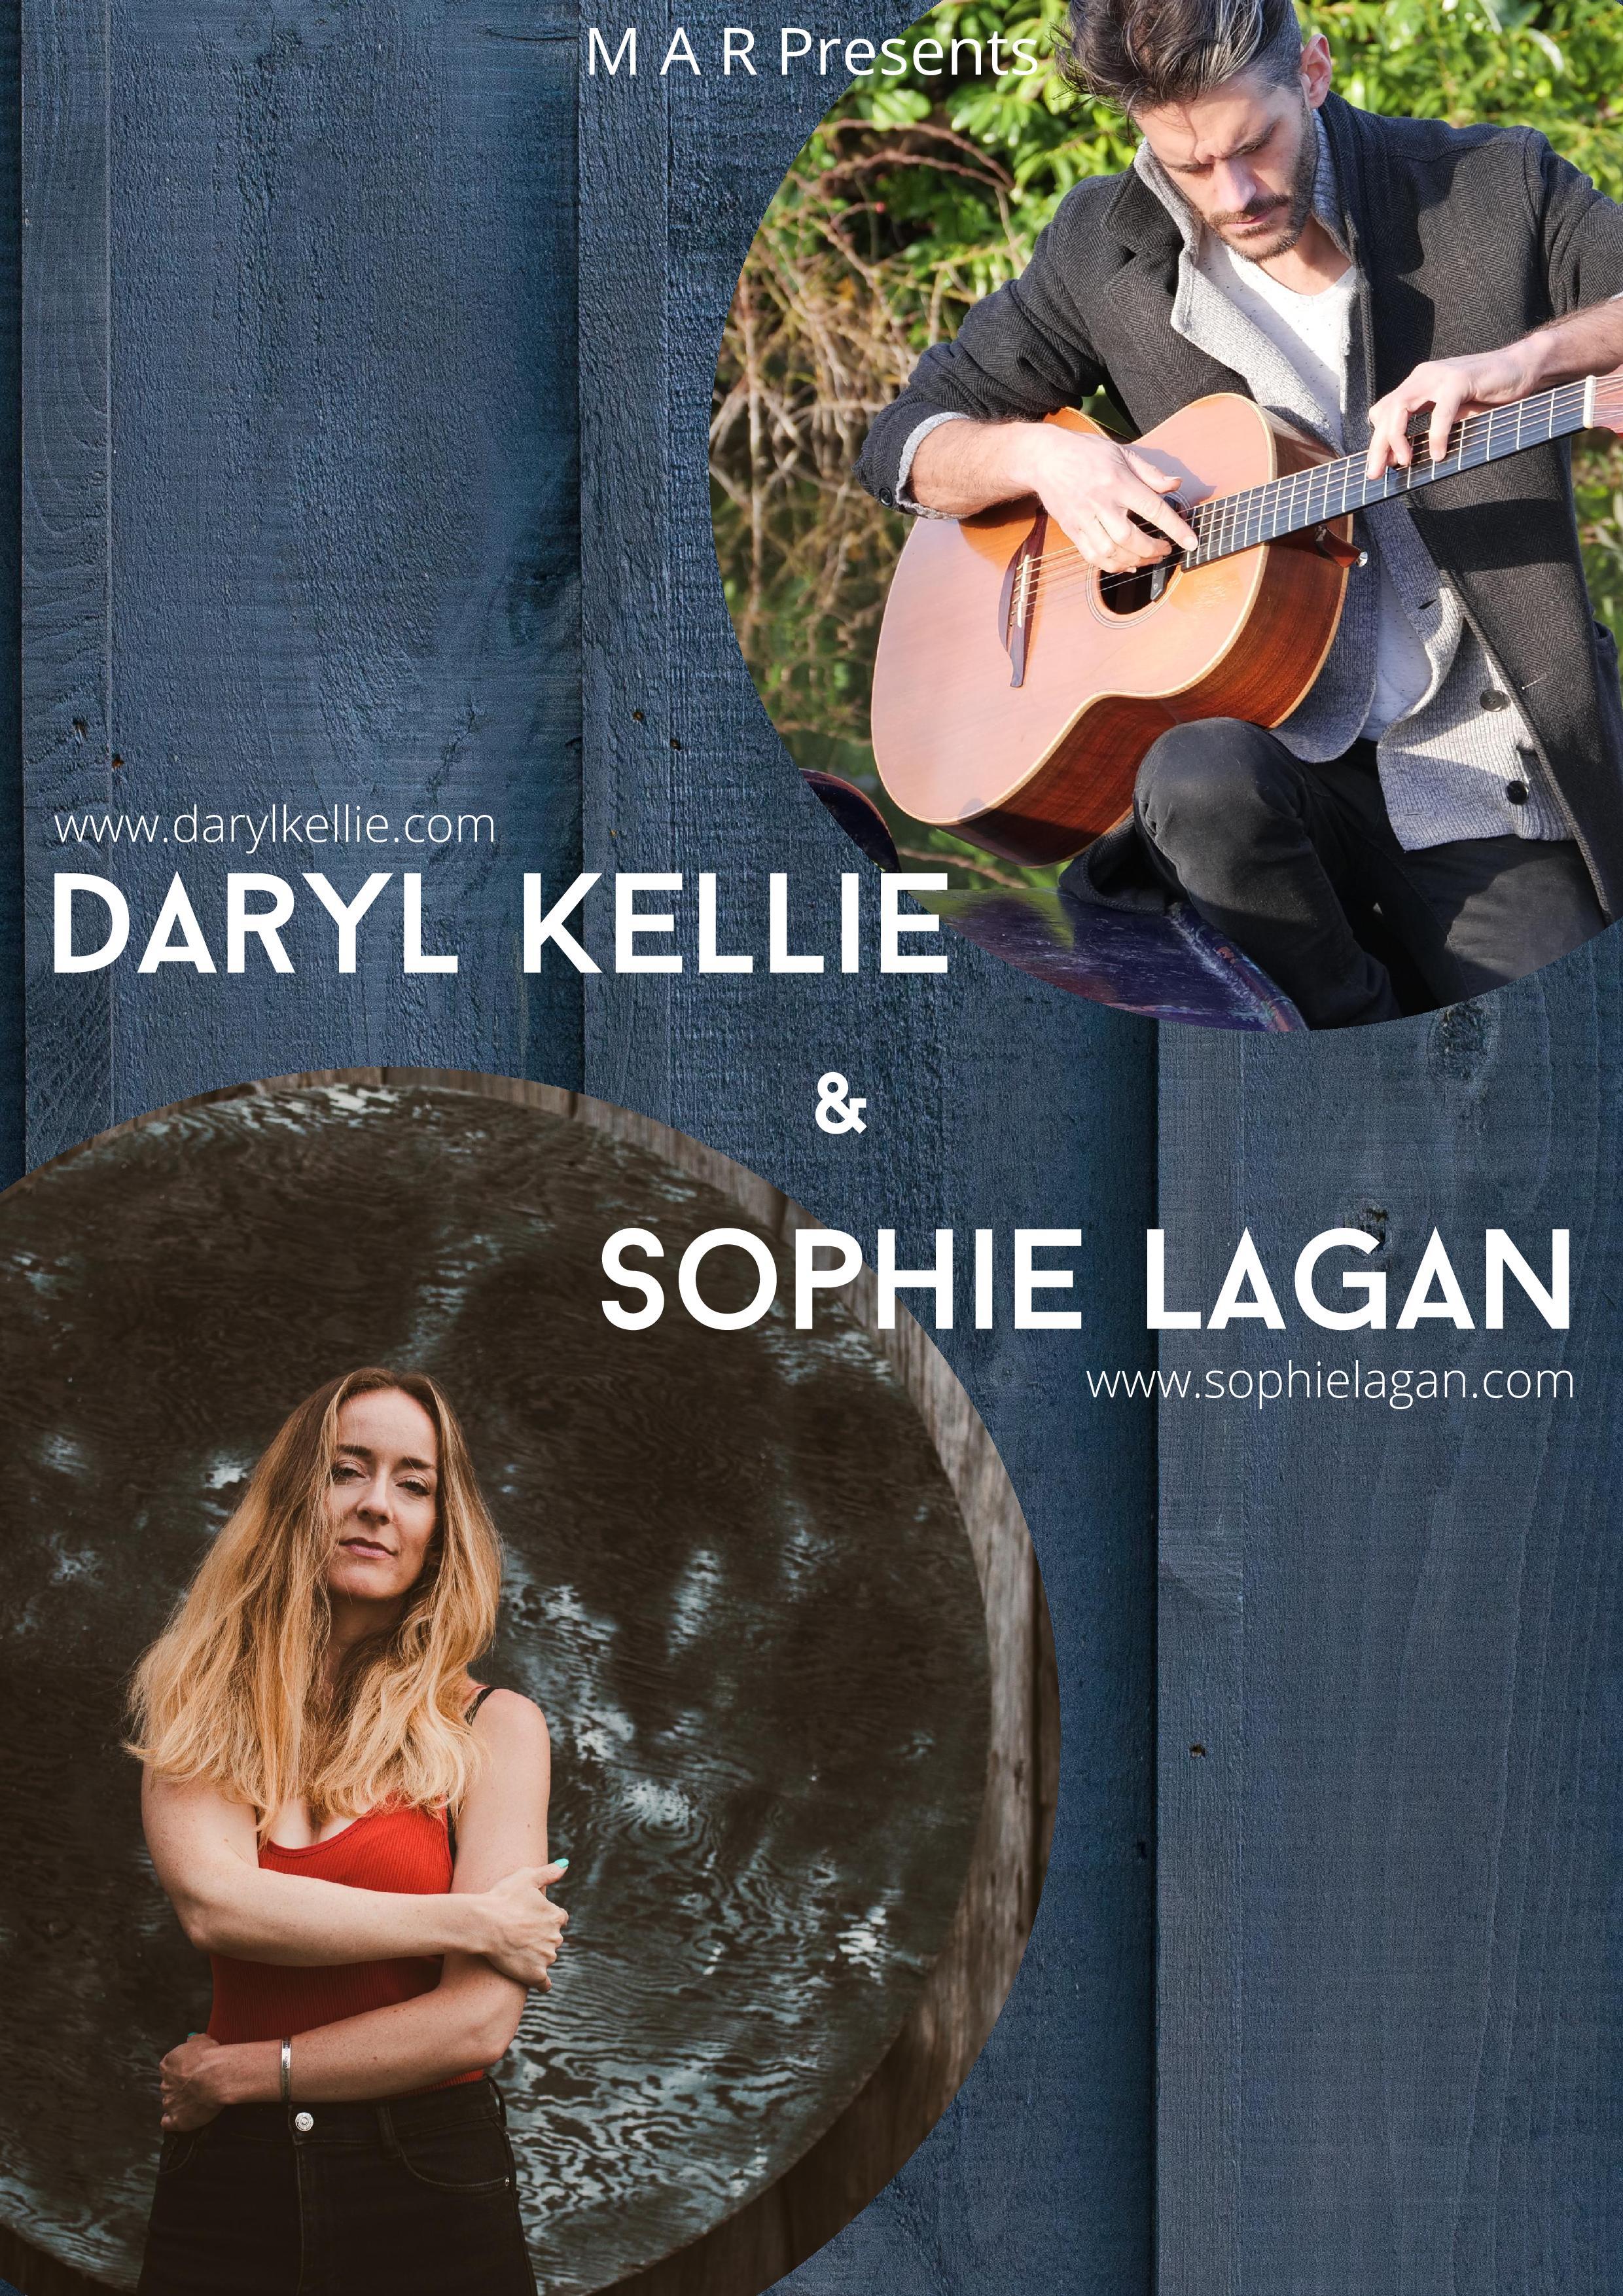 Concert de Daryl Kellie et Sophie Lagan vendredi 21 août